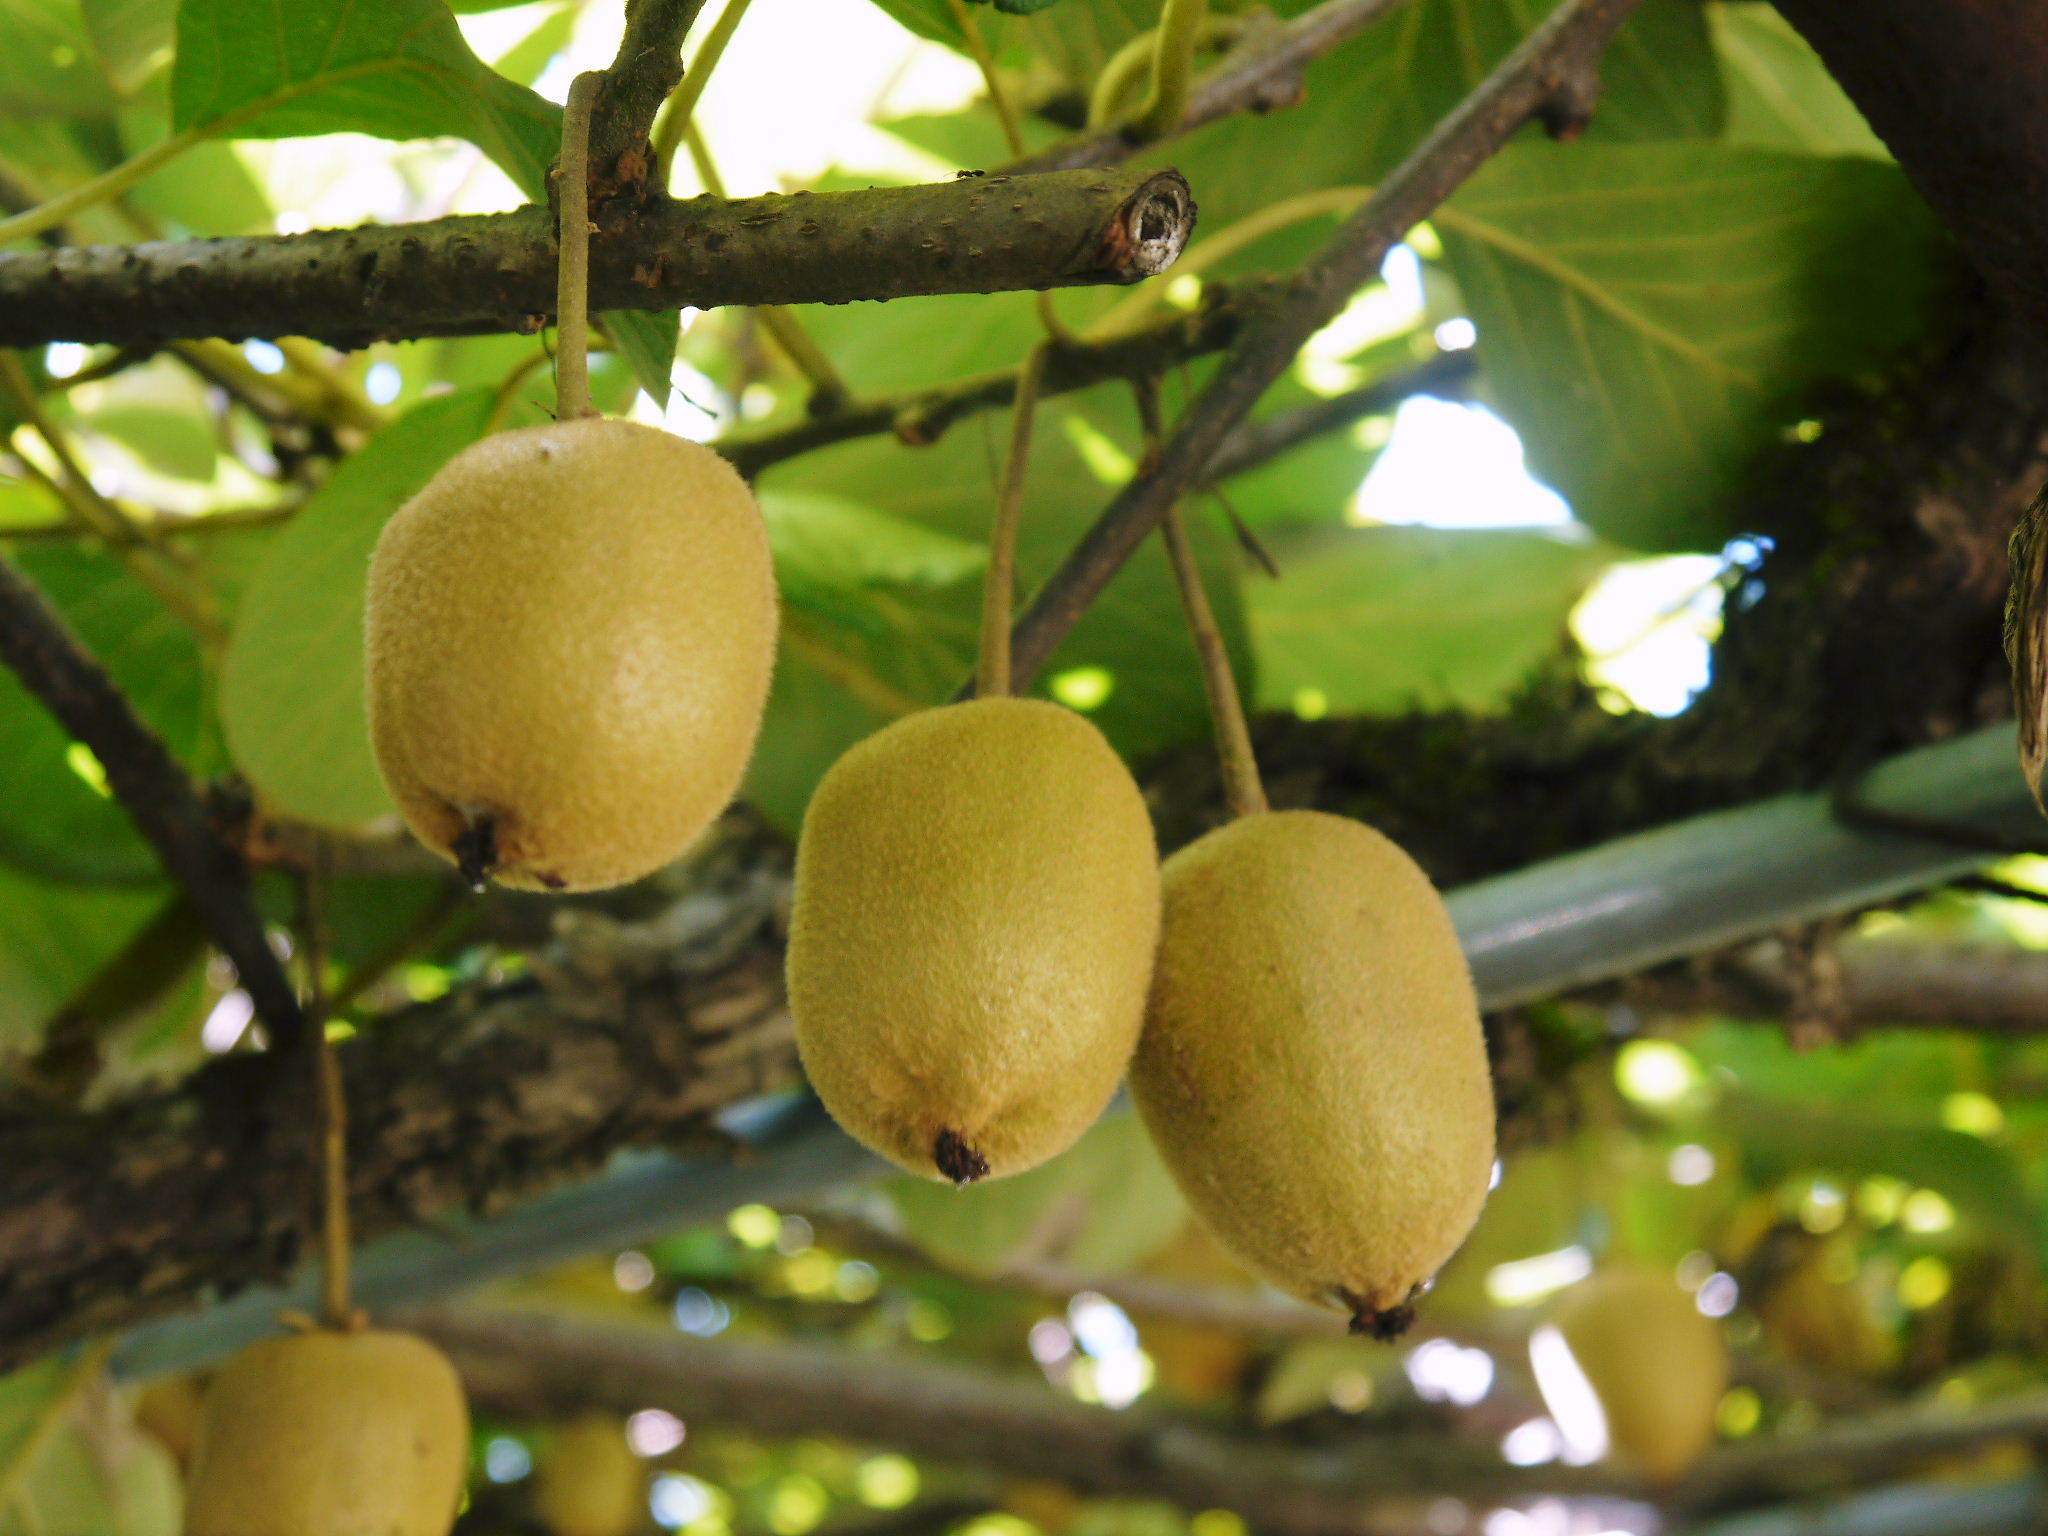 水源キウイ 11月中旬からの収穫に向け、しっかりと手をかけ育てます!キウイフルーツは冬の果物です!_a0254656_18501345.jpg